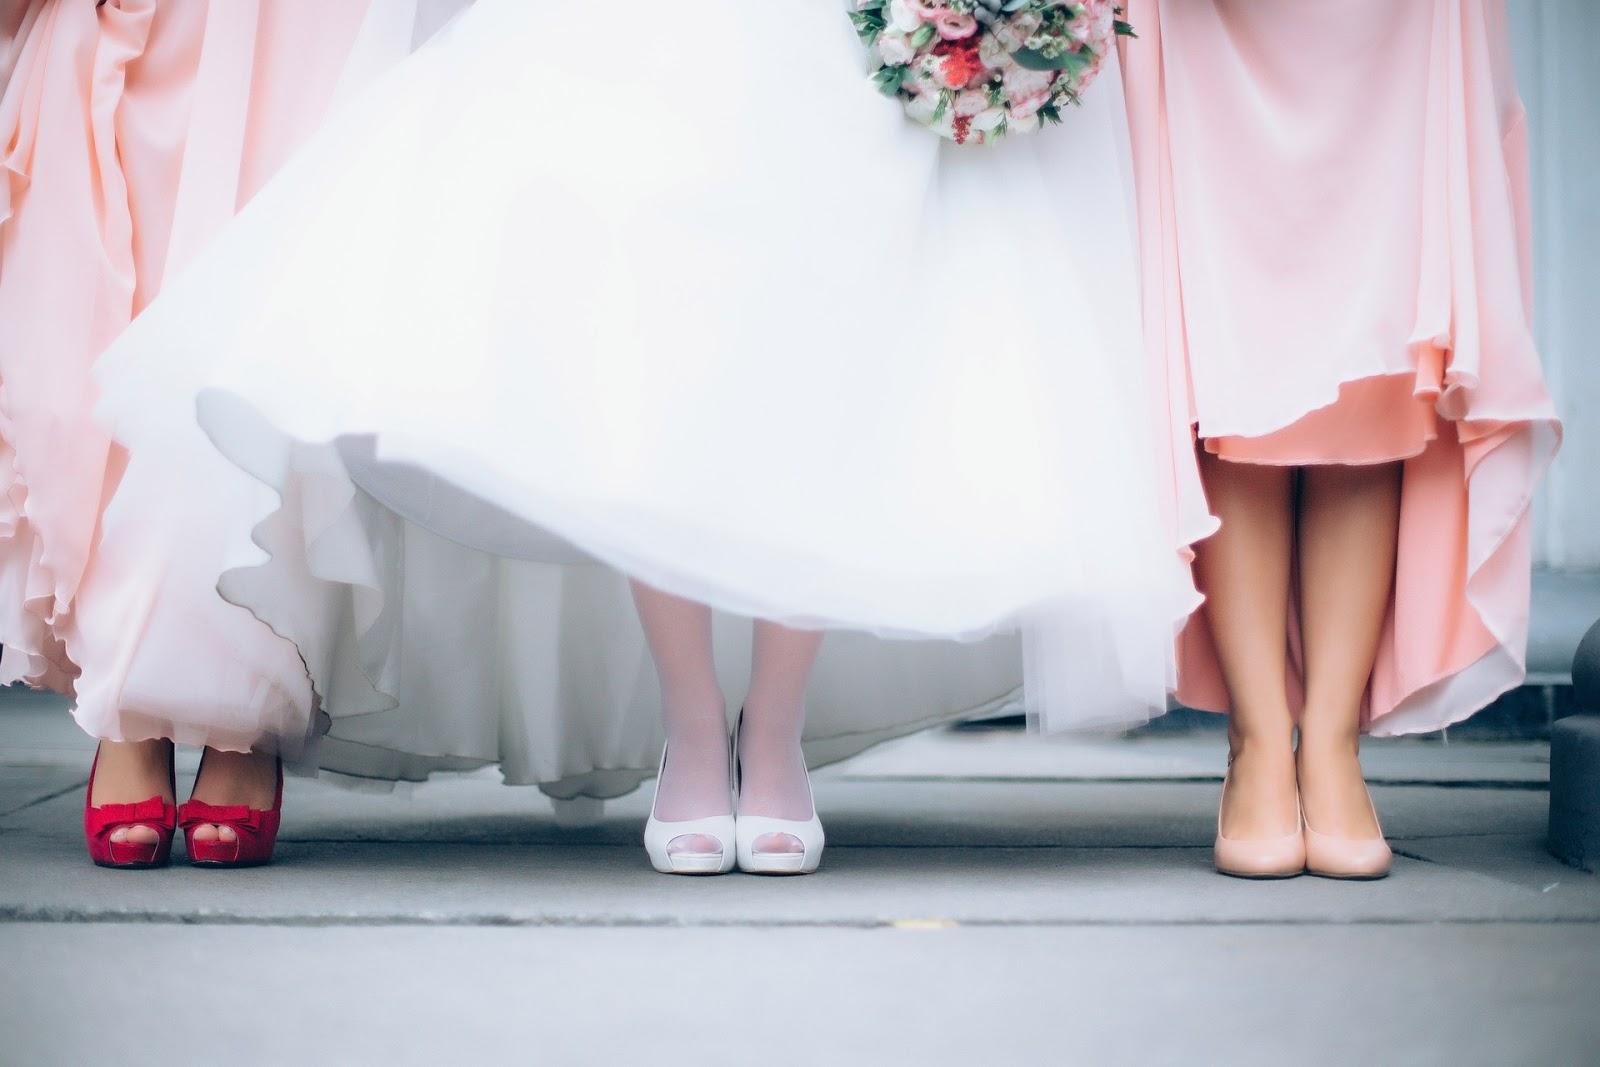 d41c66d544 W co się ubrać na wesele  - Lifestyle okiem Julii - uroda · moda ...